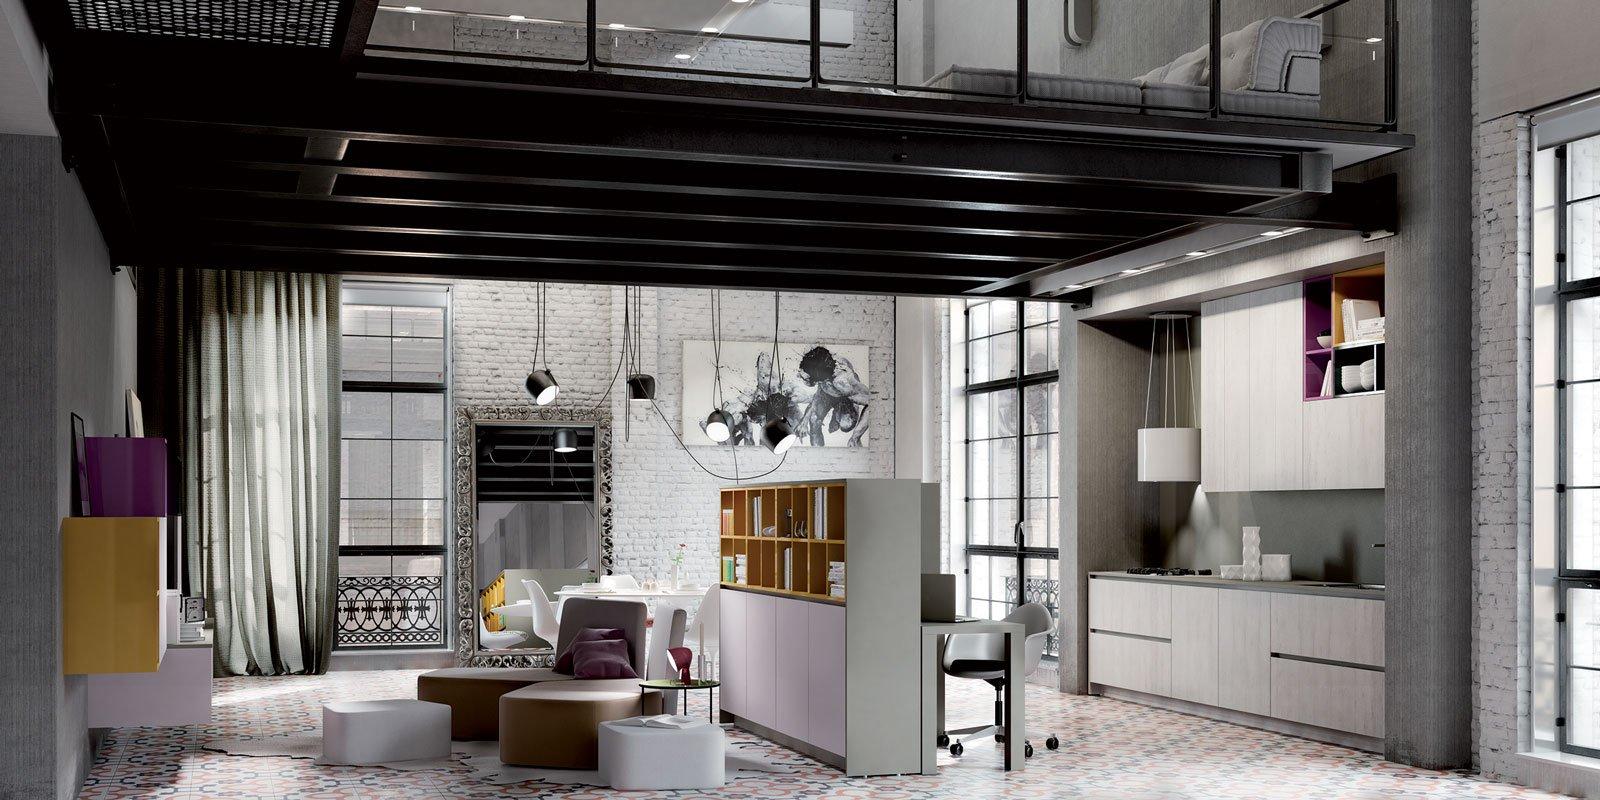 Cucine piccole composizioni compatte anche per il - Cucine con soggiorno ...